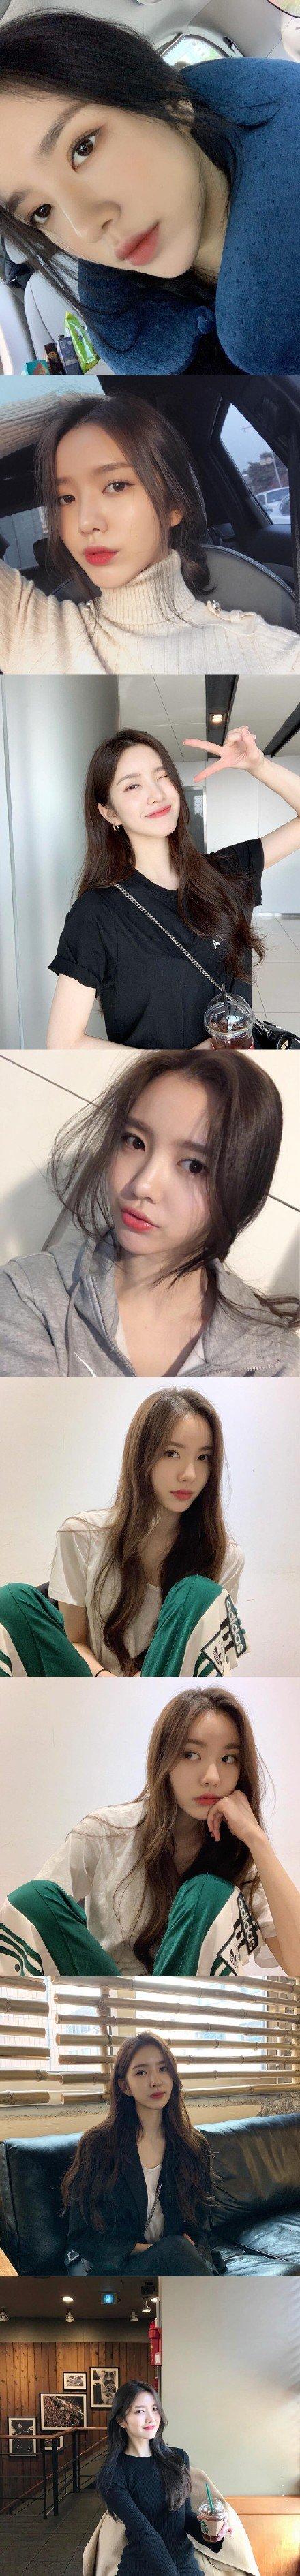 妹子图:Yerinxk,超好看的韩系小姐姐 涨姿势 第7张